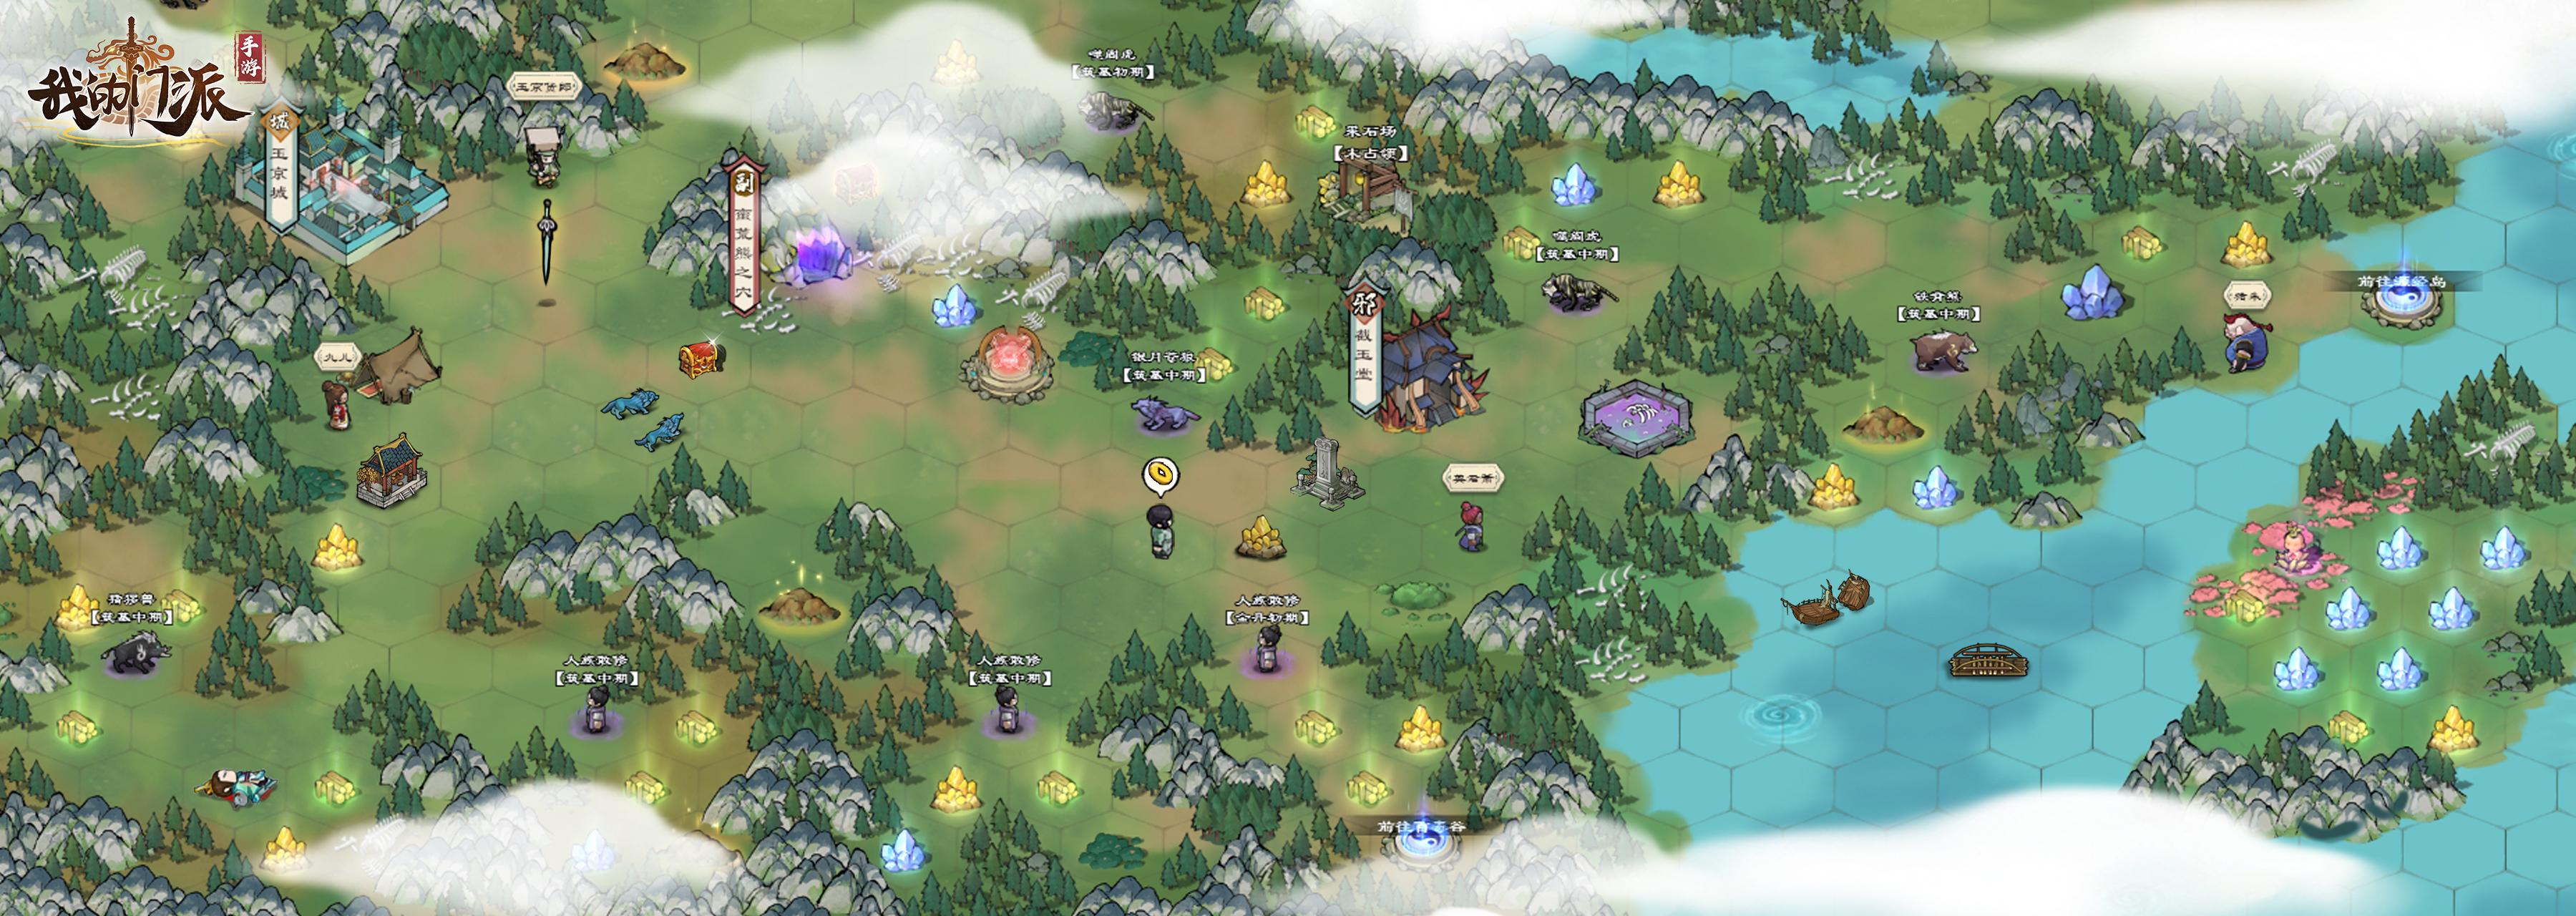 【迟来的爆料】超广阔的地图探索,超丰富的互动体验